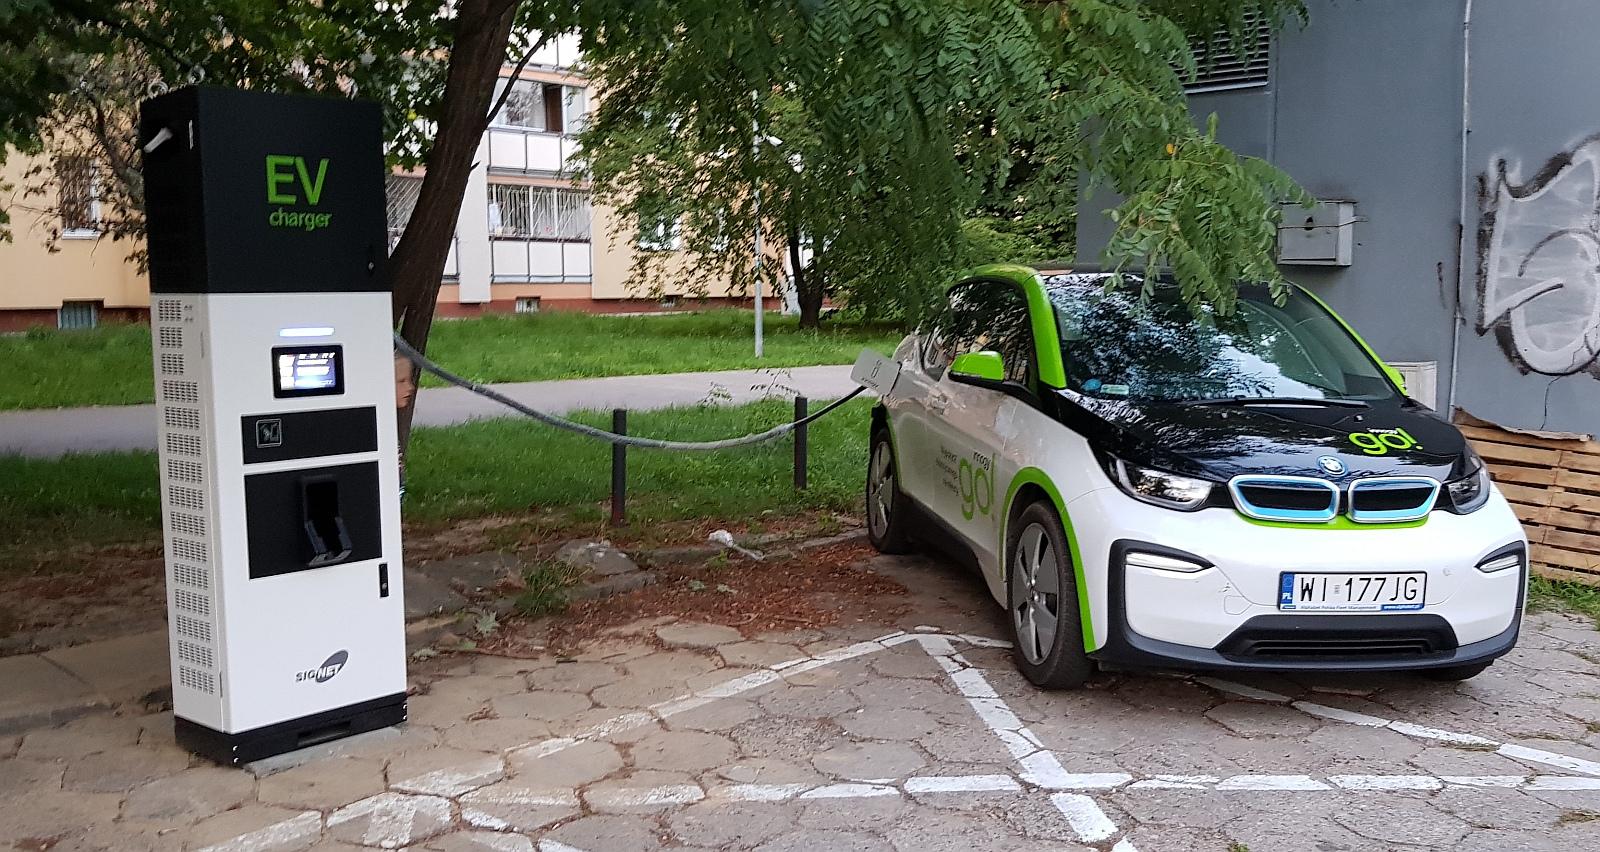 Правительство Польши готово доплачивать полякам за покупку электромобиля